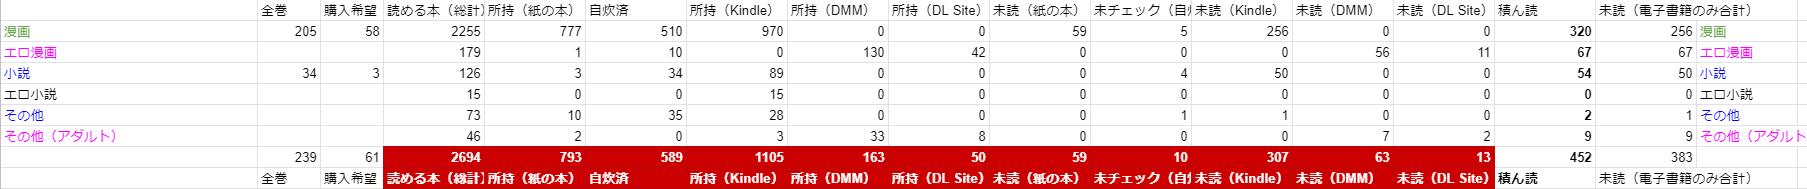 tsumihon-2021-5.png